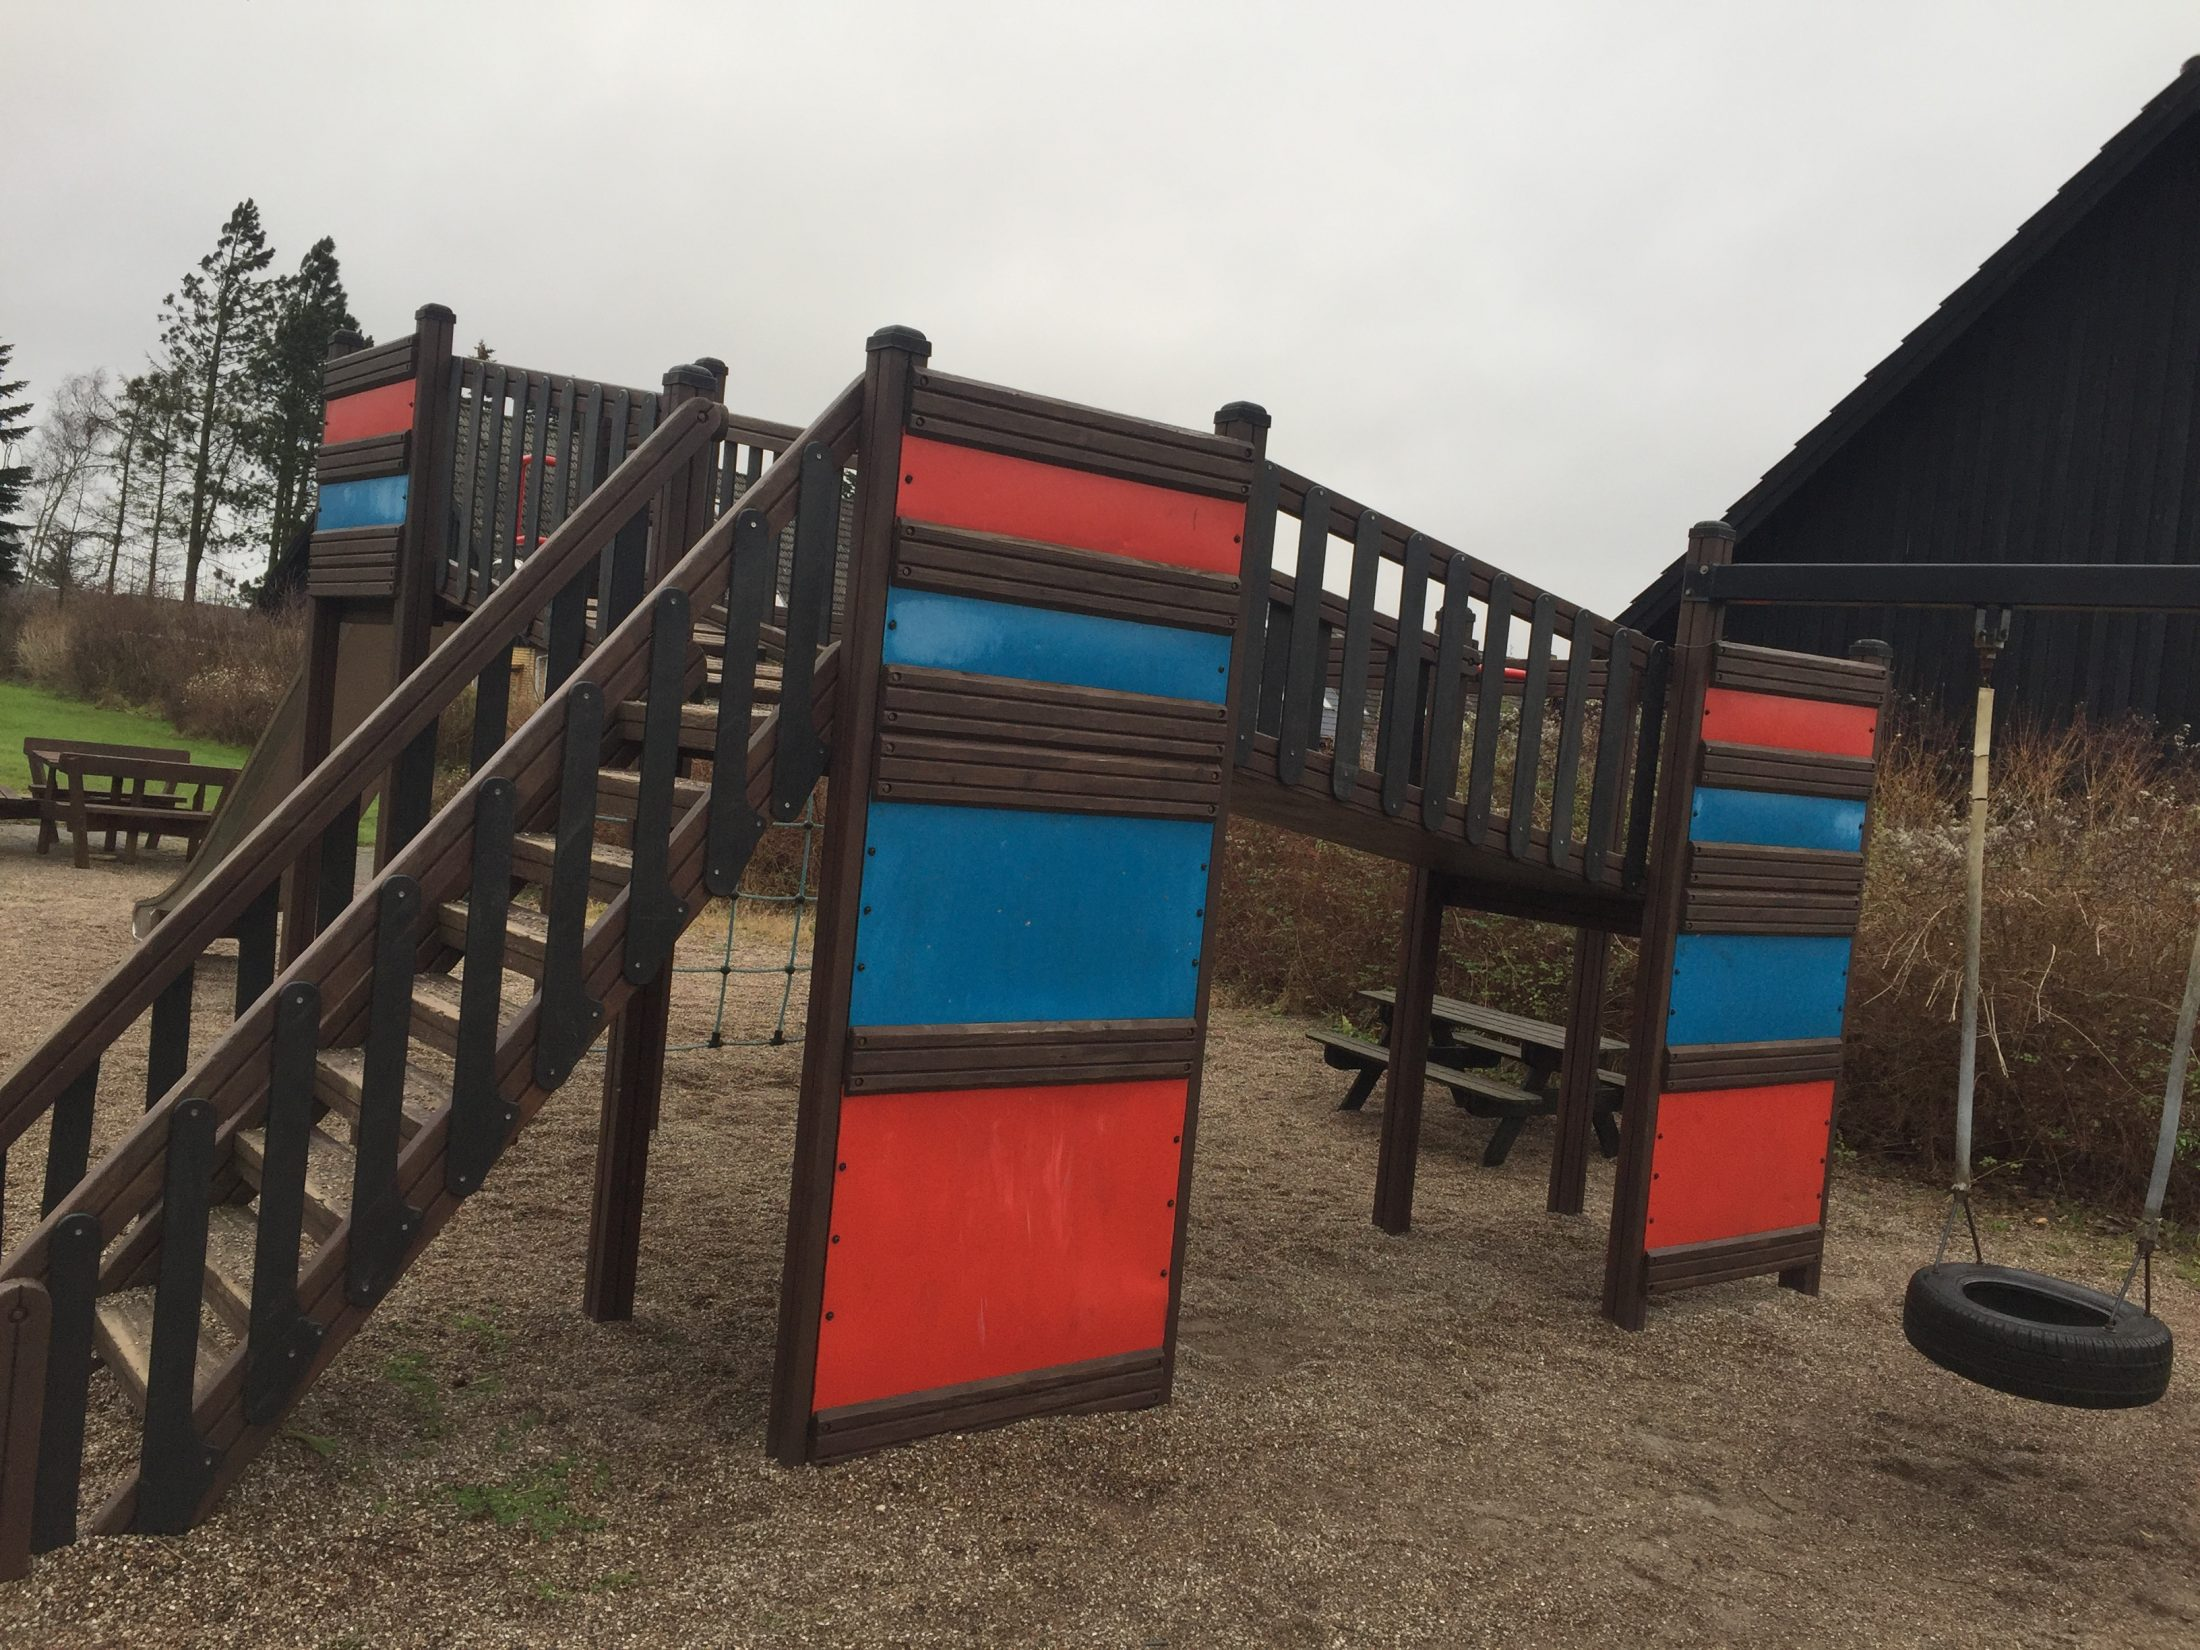 Legeplads ved Højgårdsparken i Ganløse